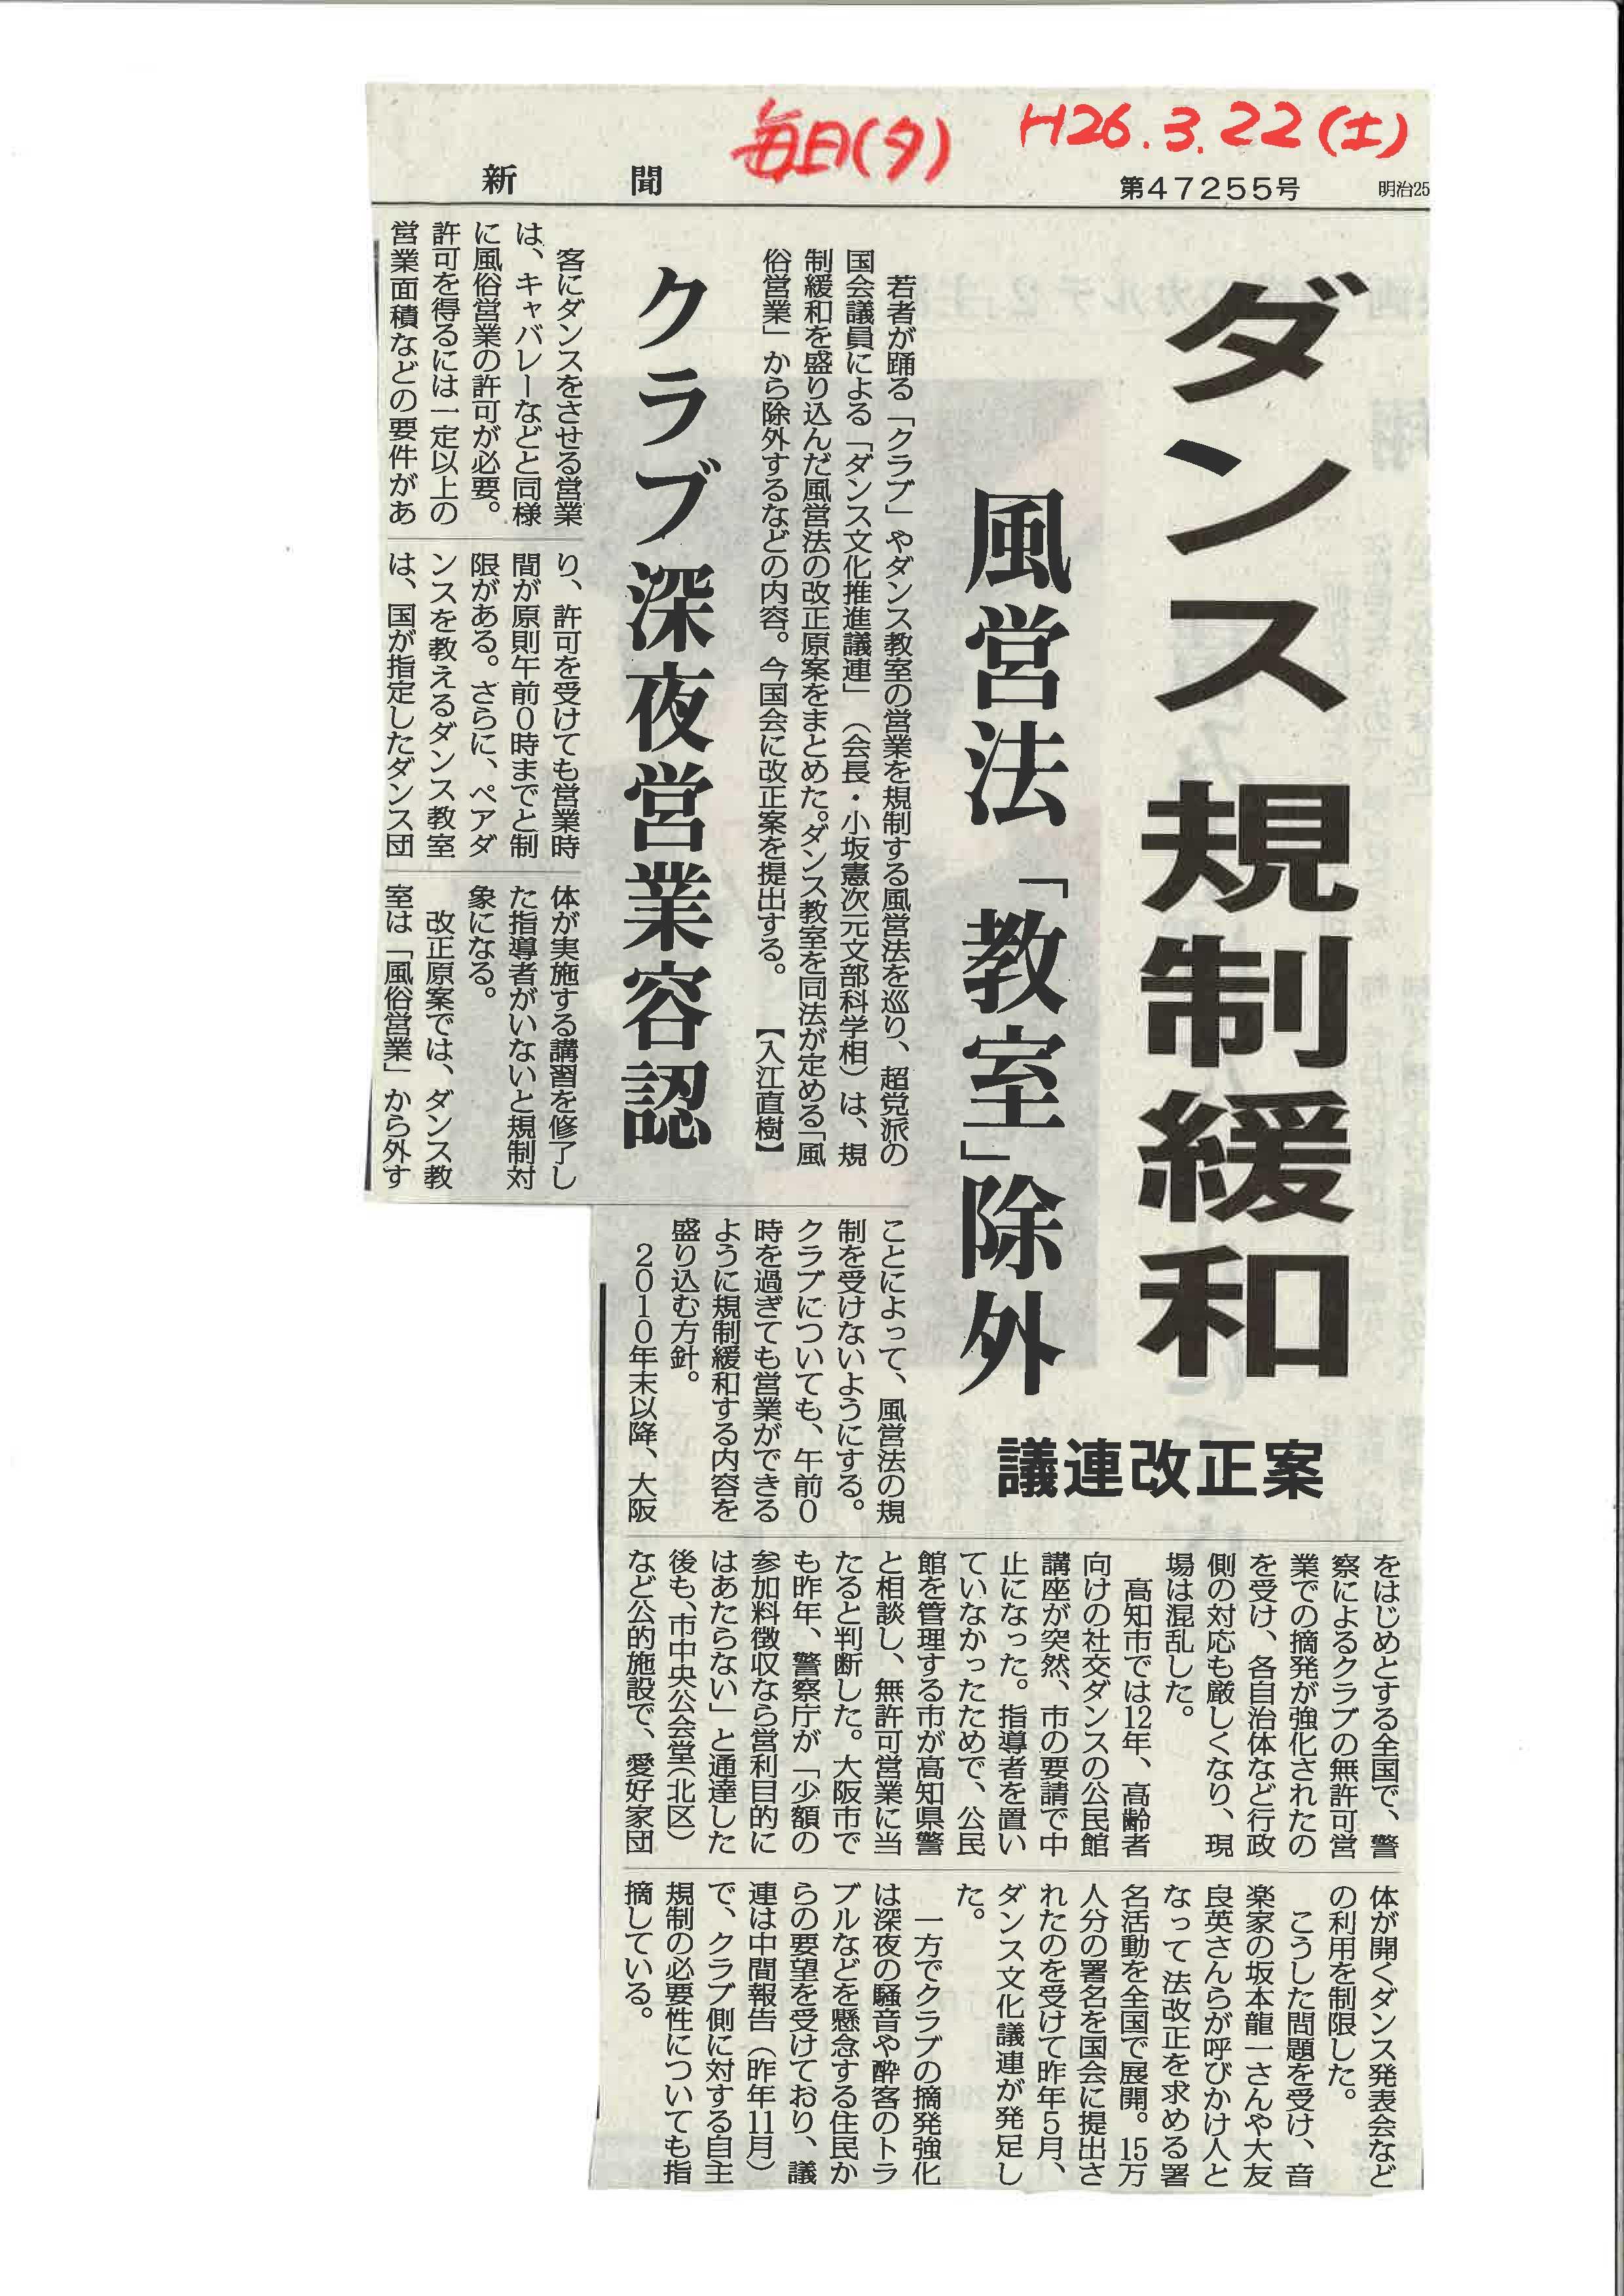 風俗営業3号許可(クラブ)ダンス規制「20140322ダンス規制緩和」